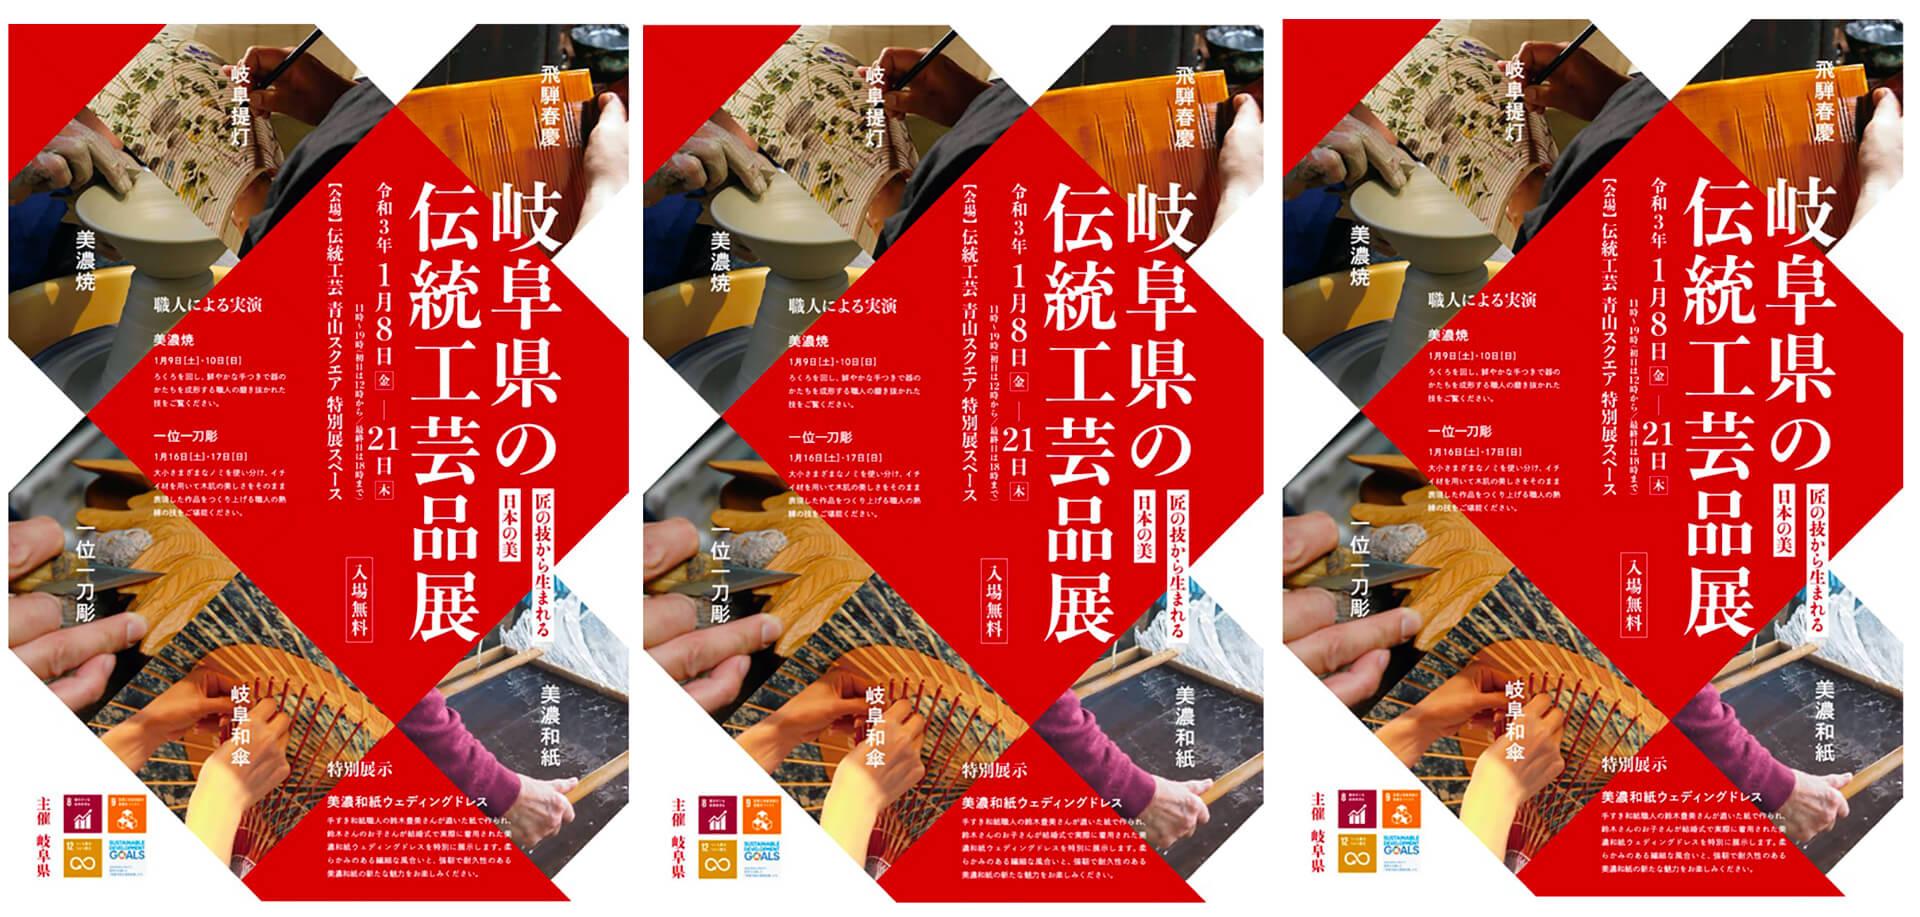 岐阜県の伝統工芸品展